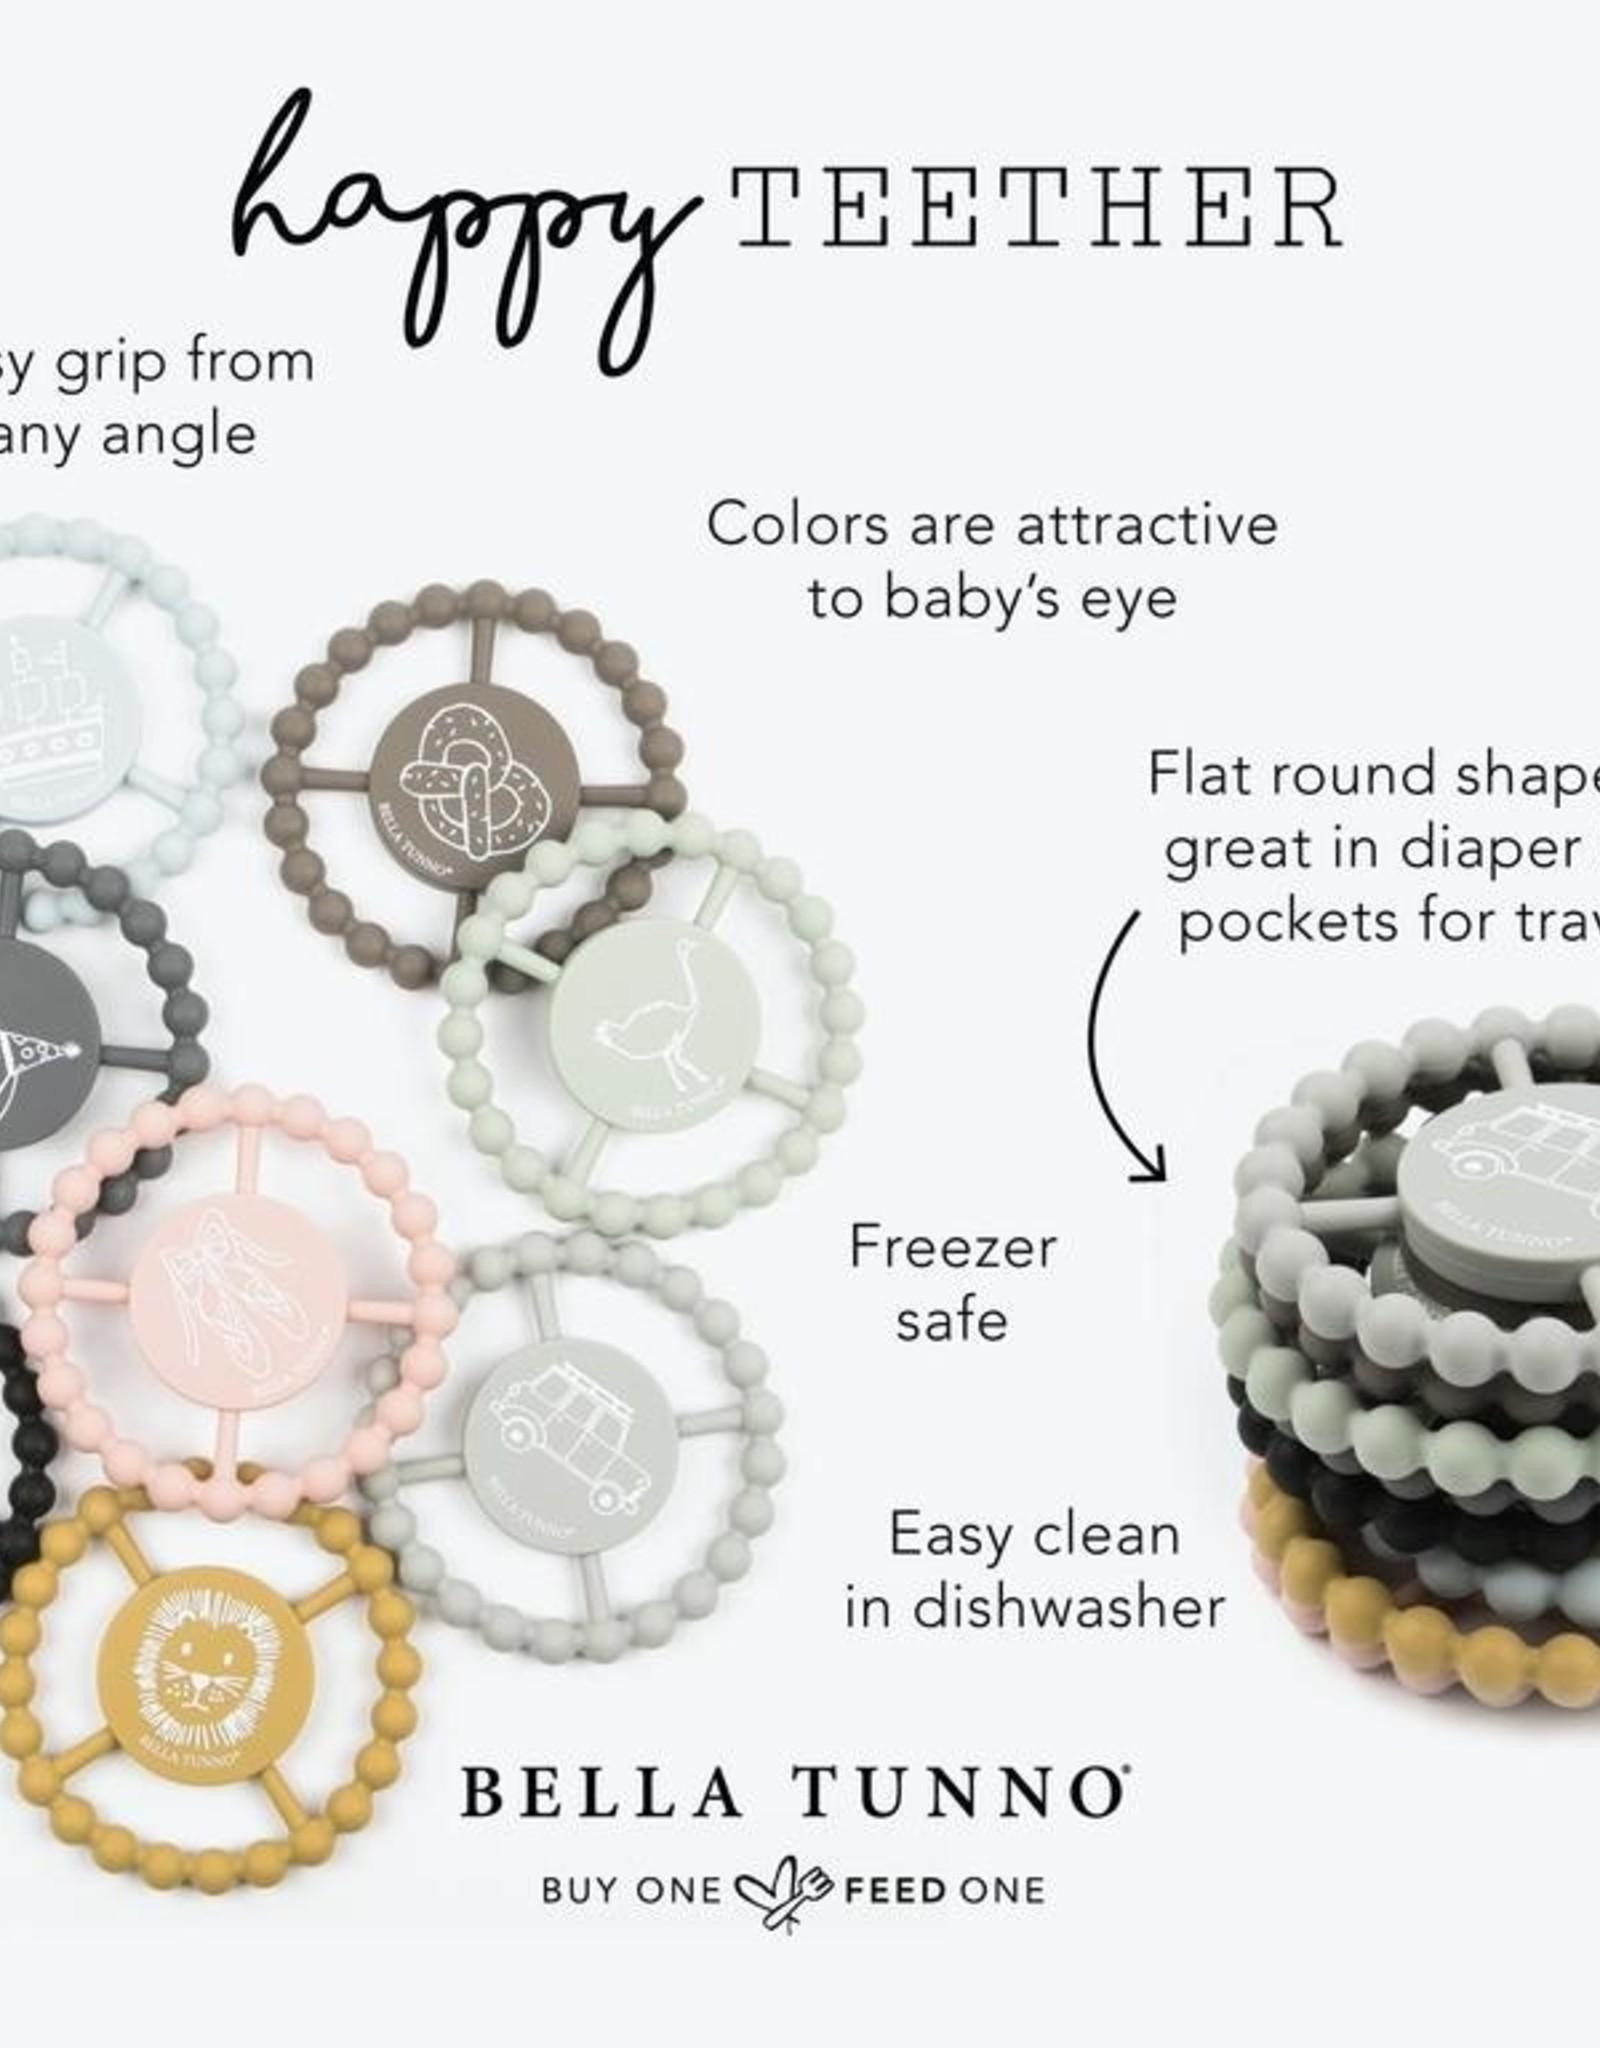 Bella Tunno Bella Tunno Happy Teether - Black & White Rainbow